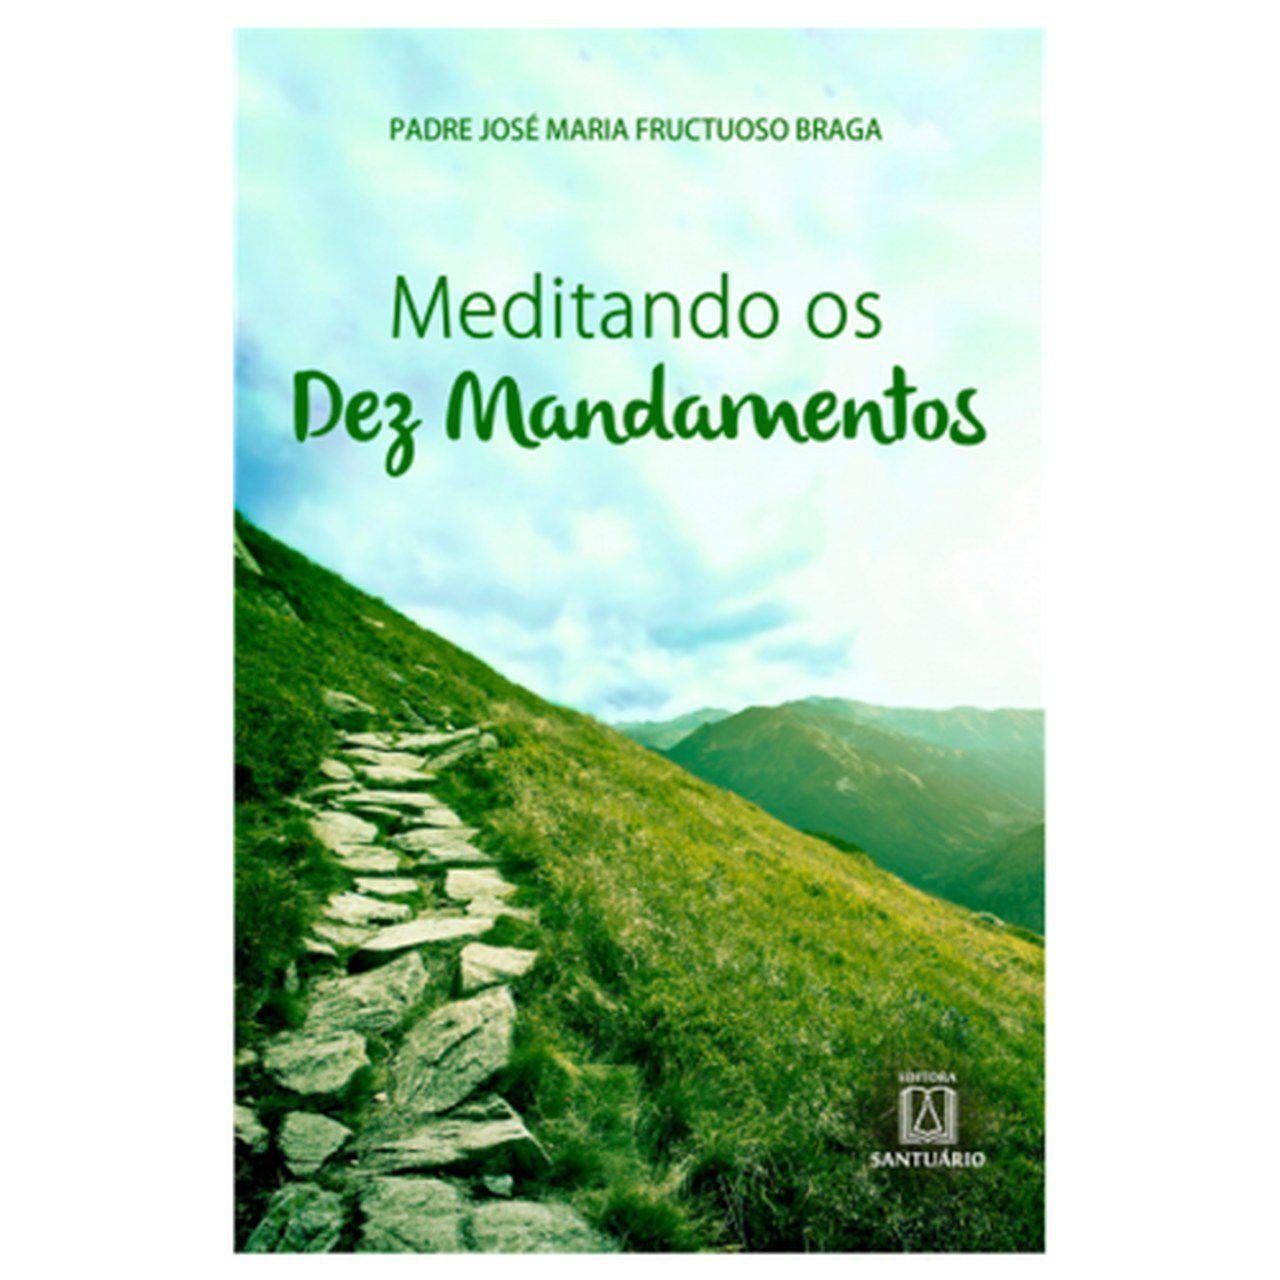 Meditando os Dez Mandamentos